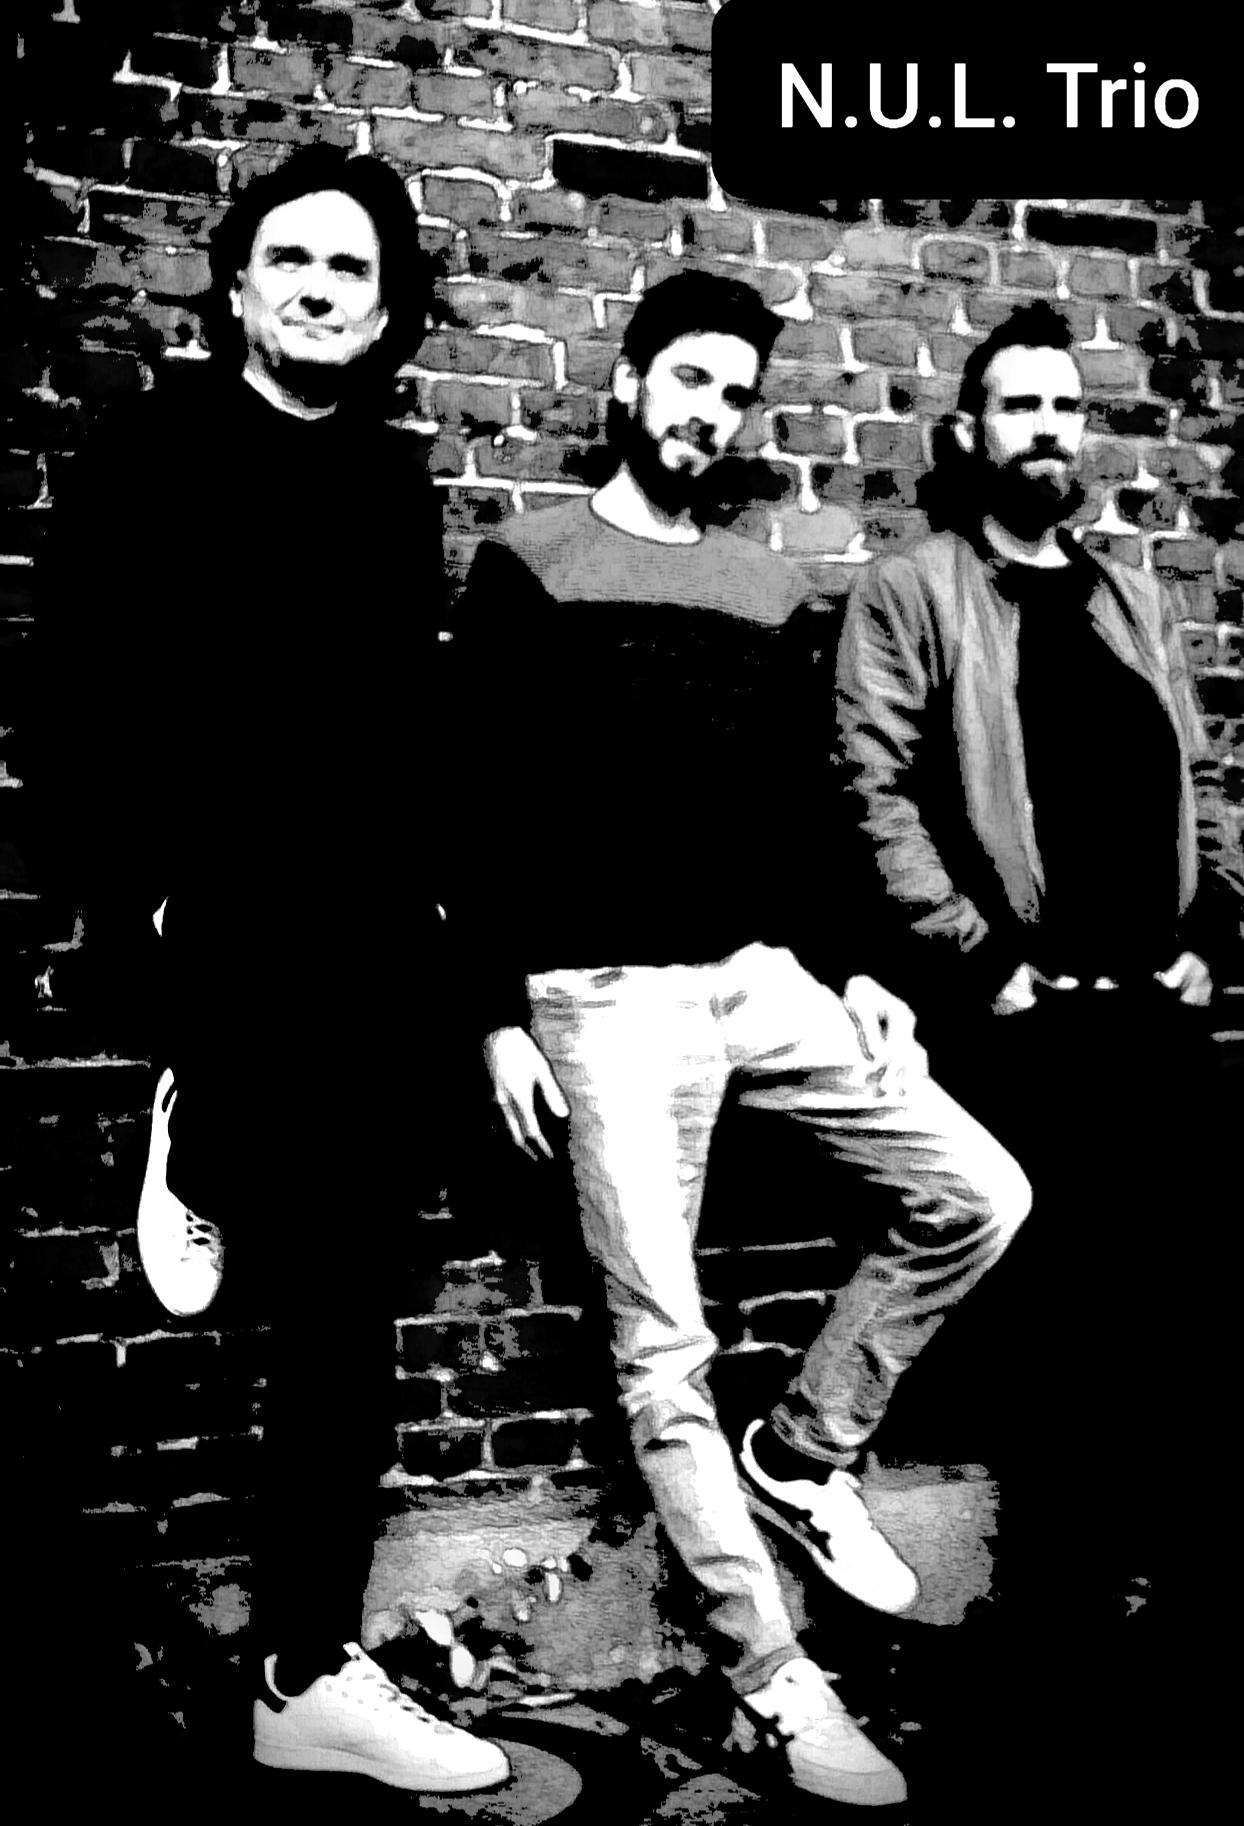 Treffpunkt Kultur Stellmacherei – Bühne Frei! - Jazz und Pop mit N.U.L.